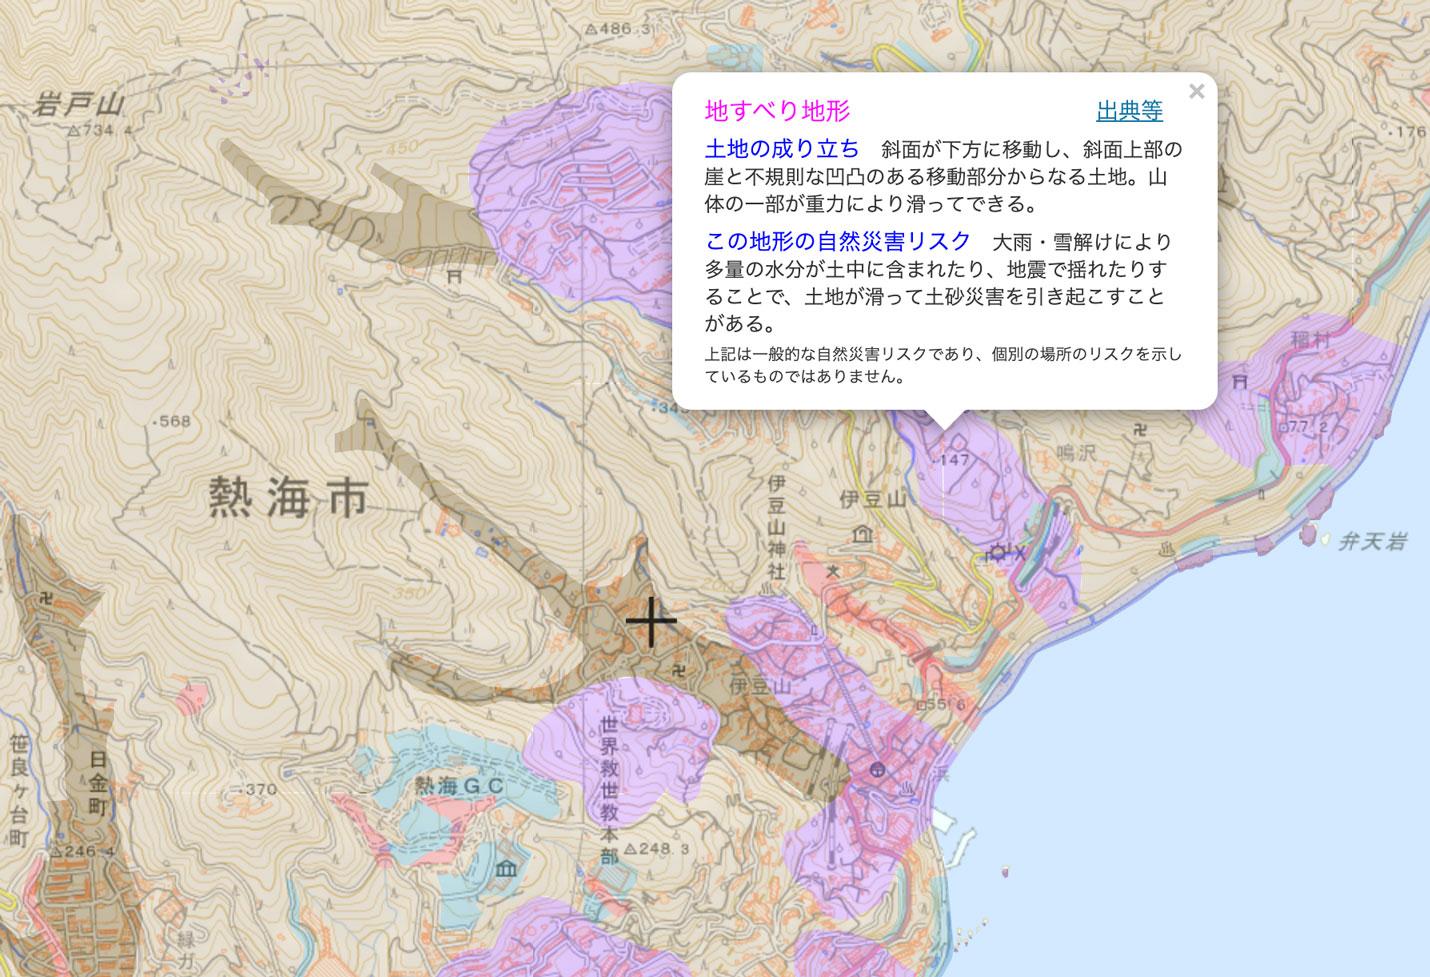 熱海伊豆山近辺の地形情報(出典:地理院地図)